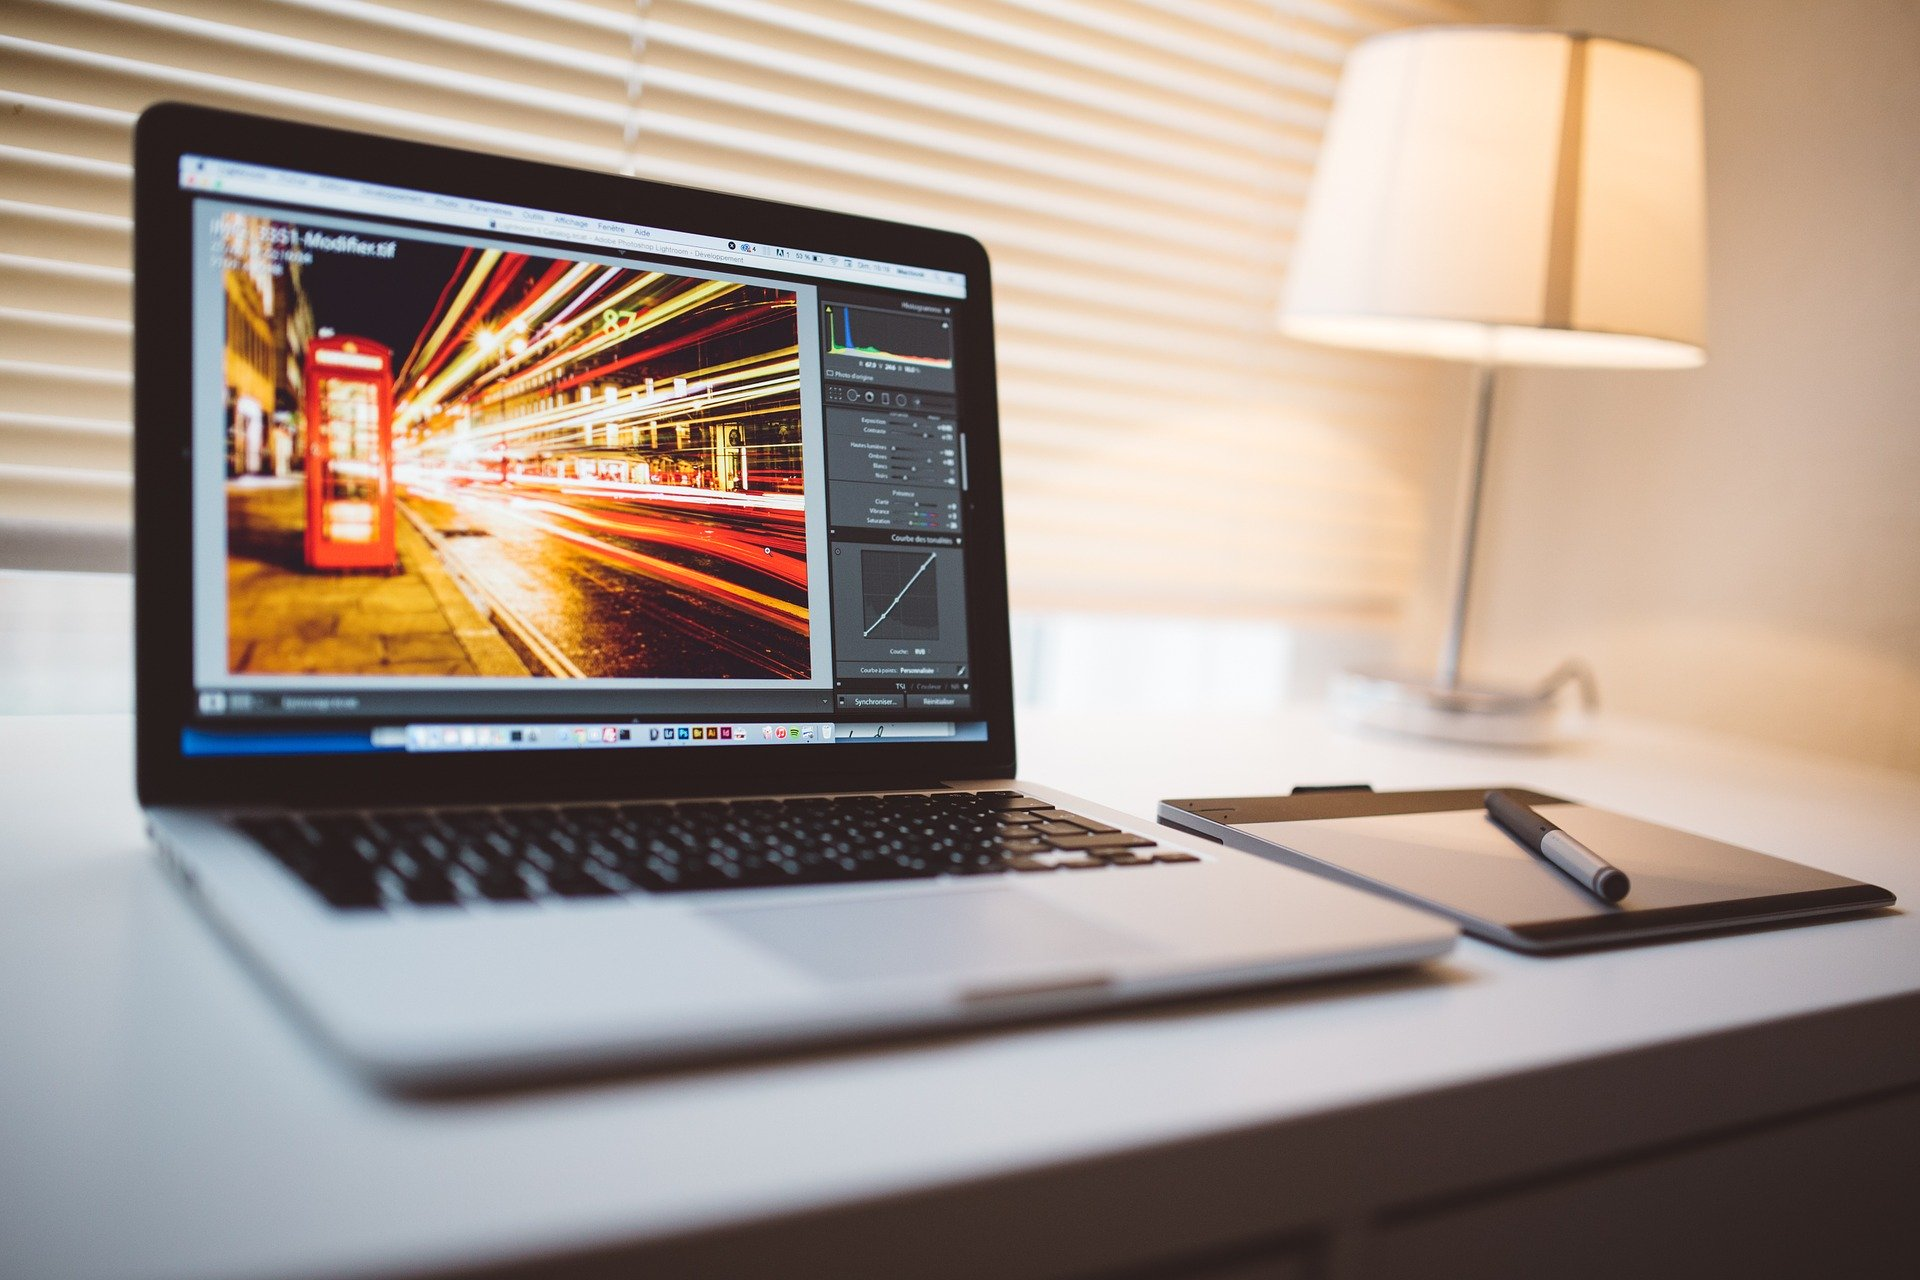 副業初心者が動画編集で稼ぐ方法 案件の種類やおすすめのソフトも